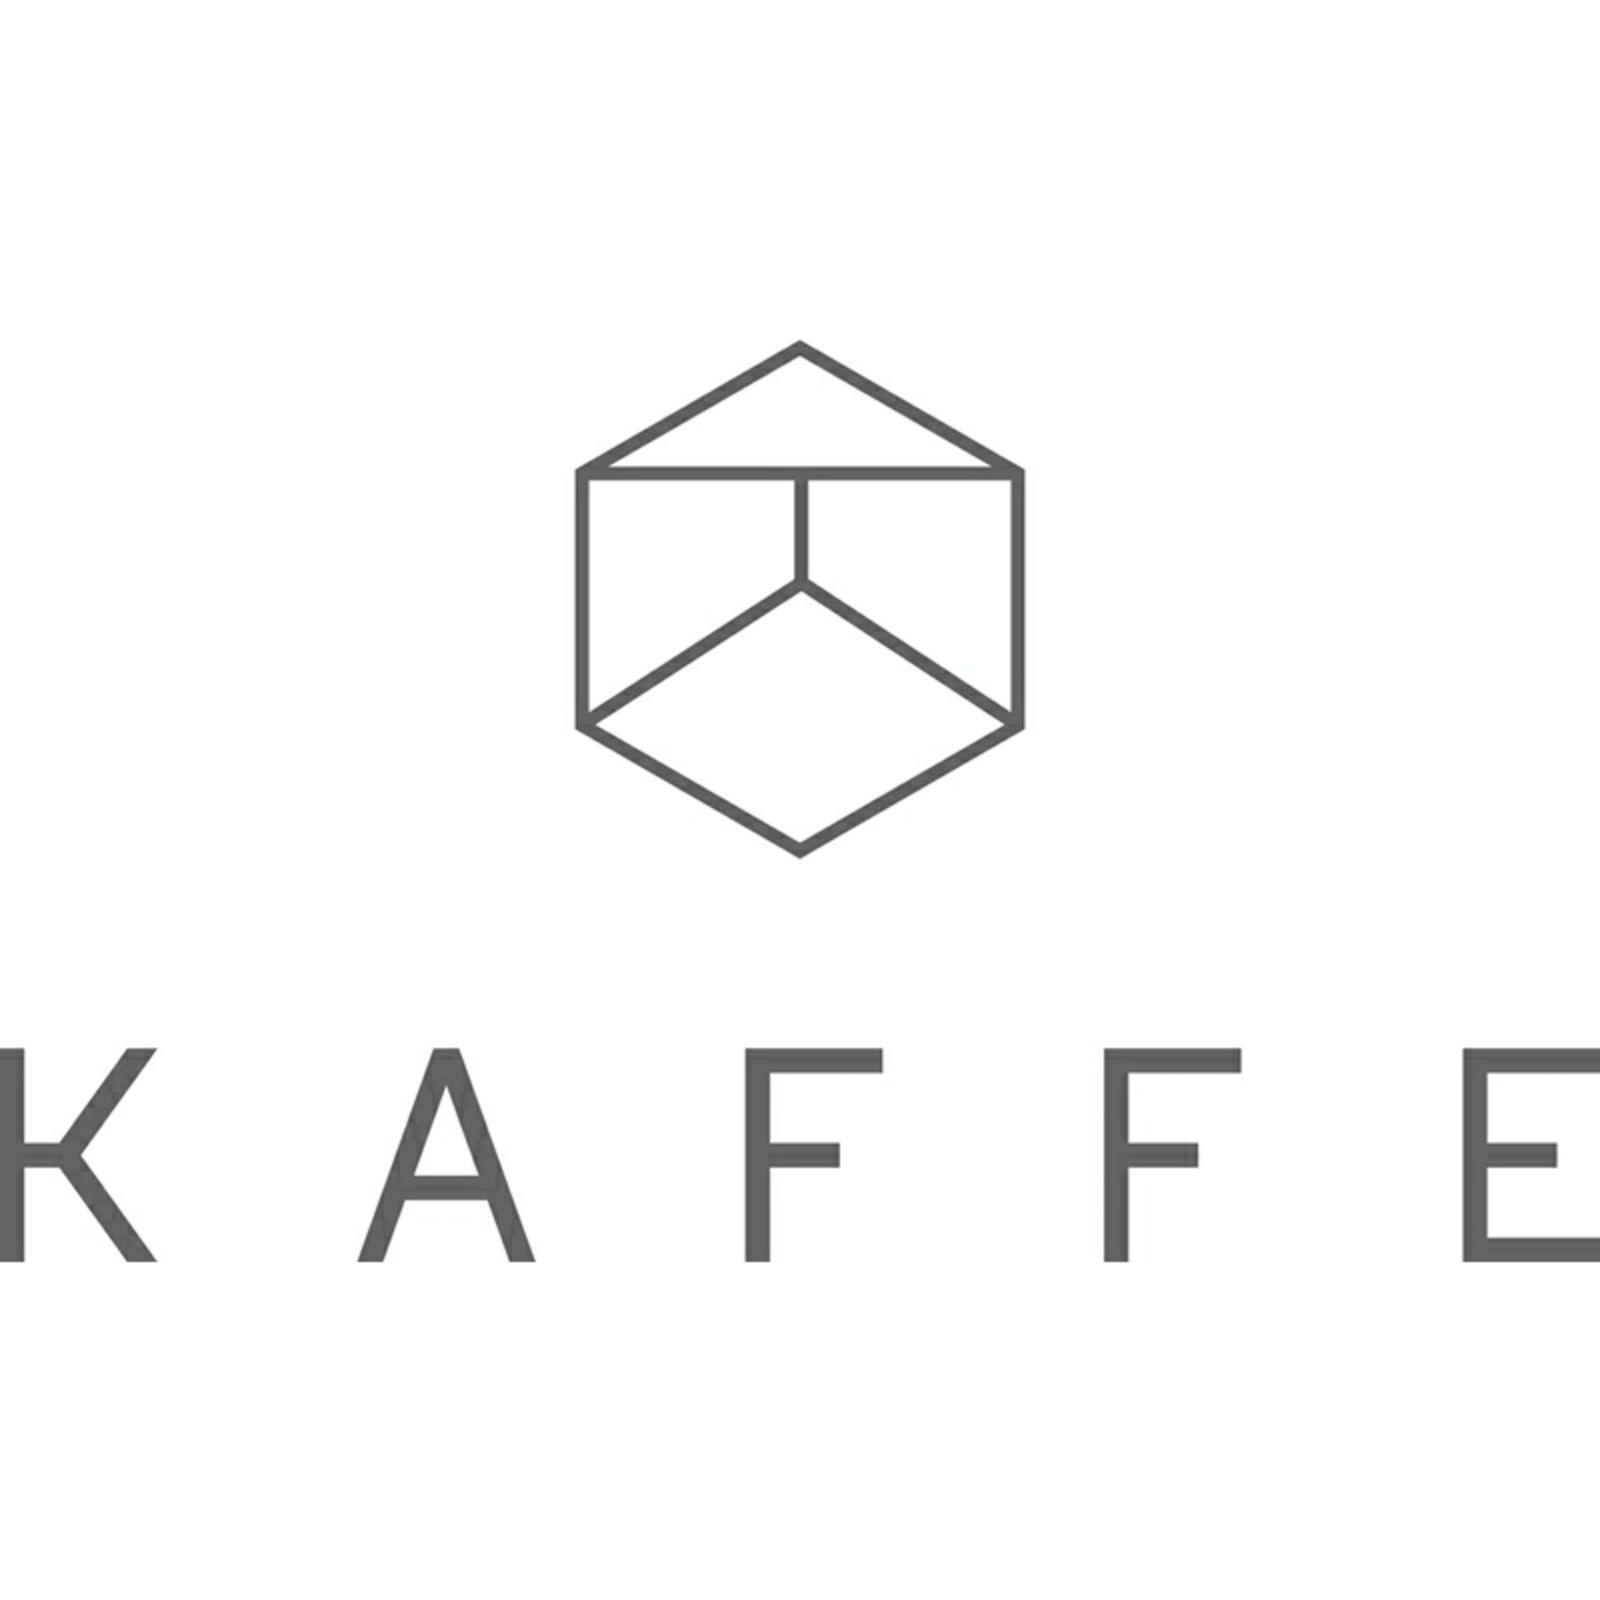 kaffe (Bild 1)